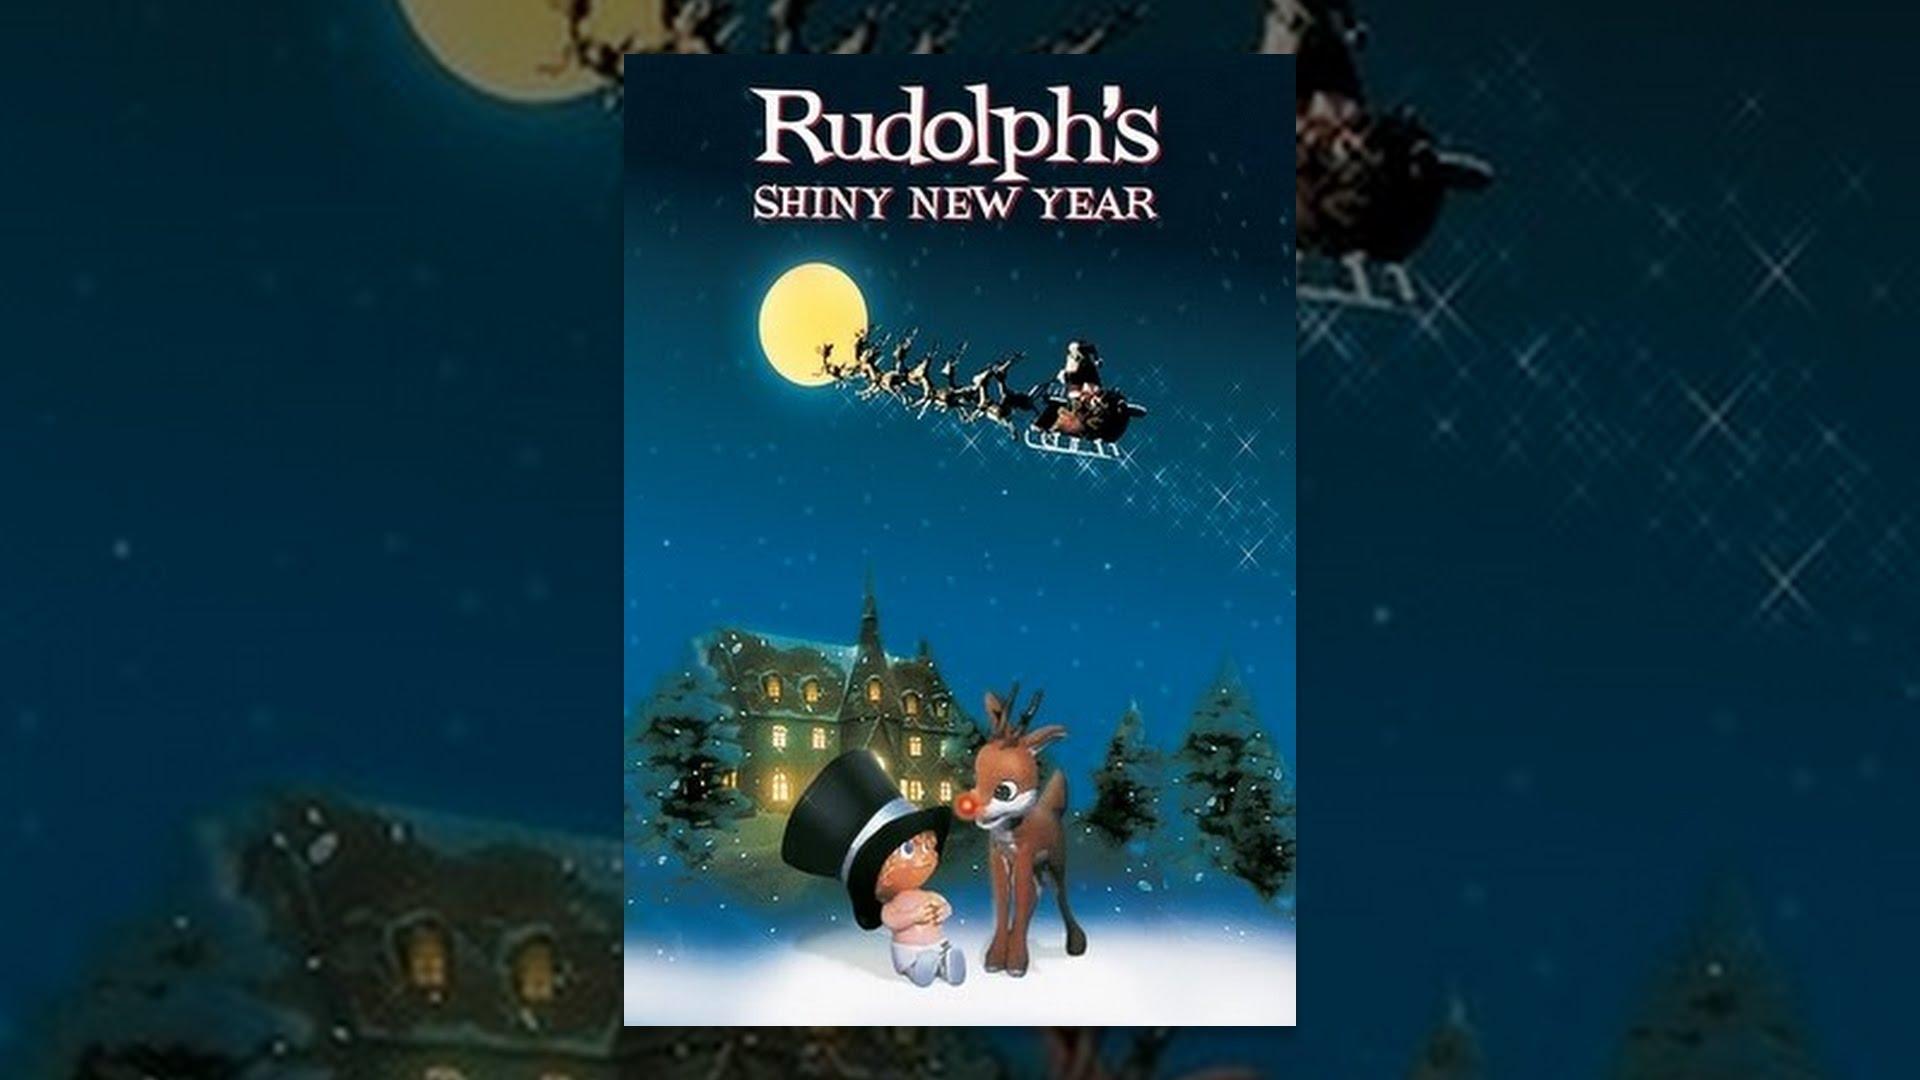 Rudolph's Shiny New Year - YouTube